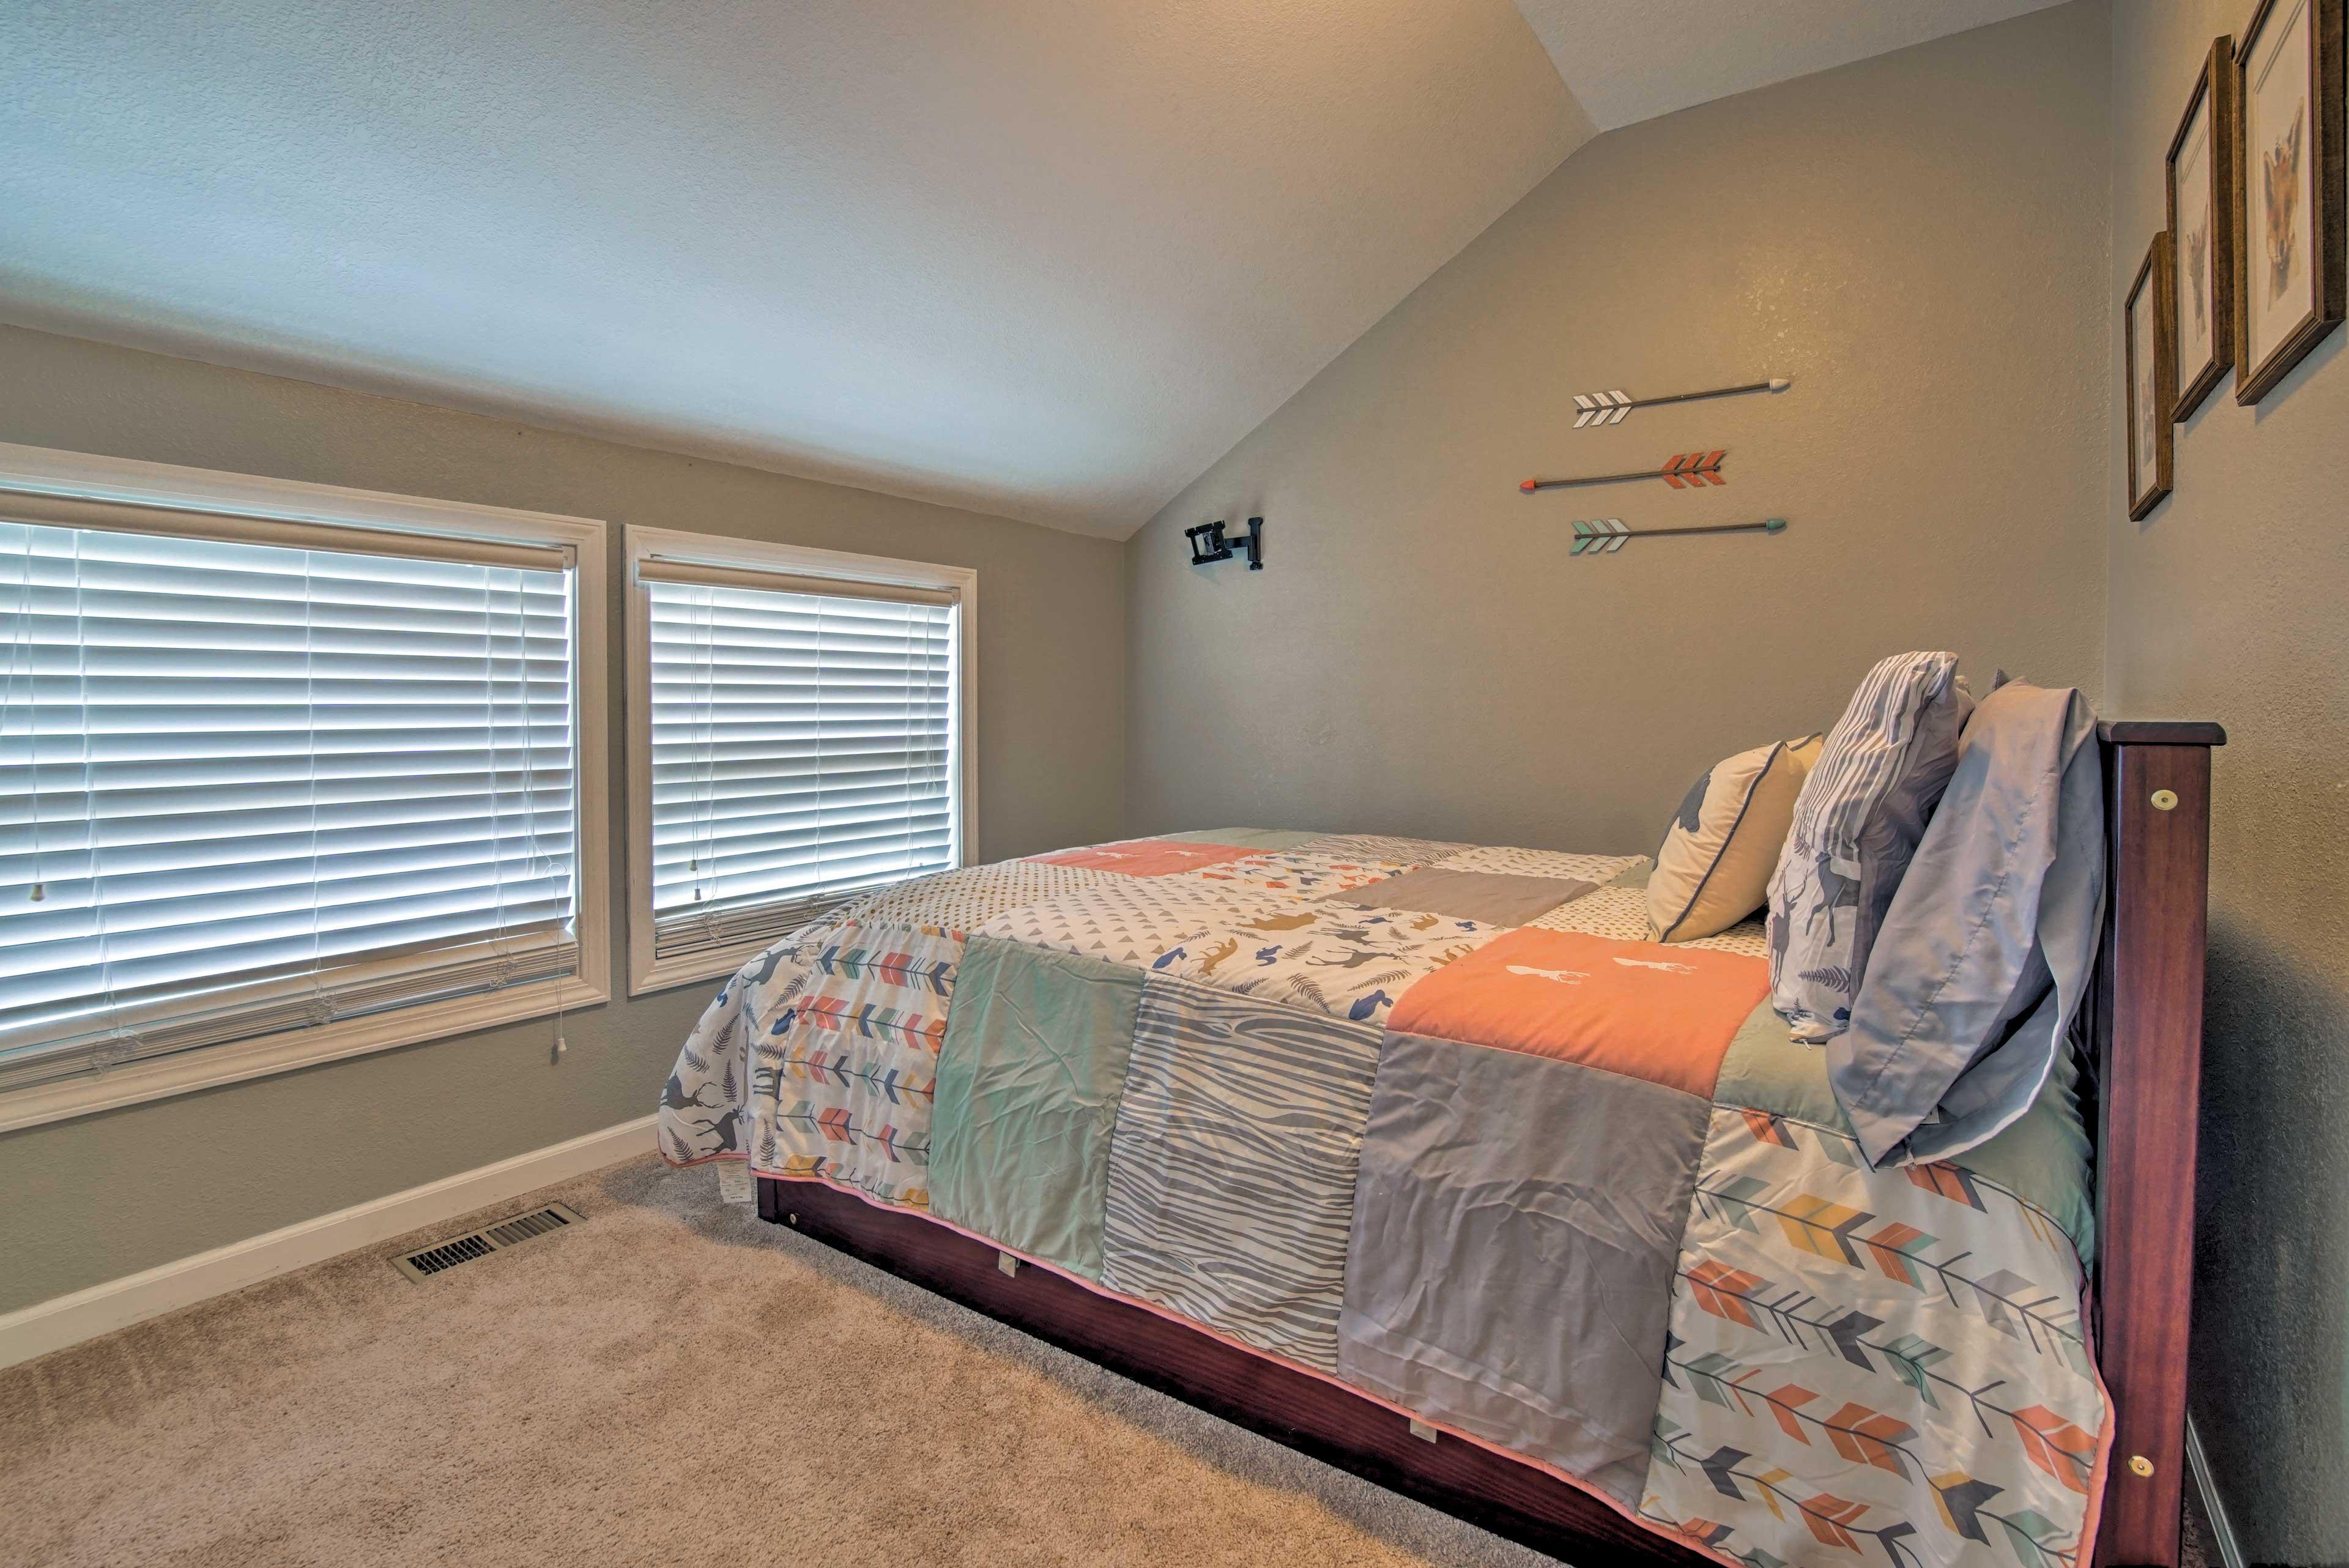 Dreams come easy in this cozy bed!